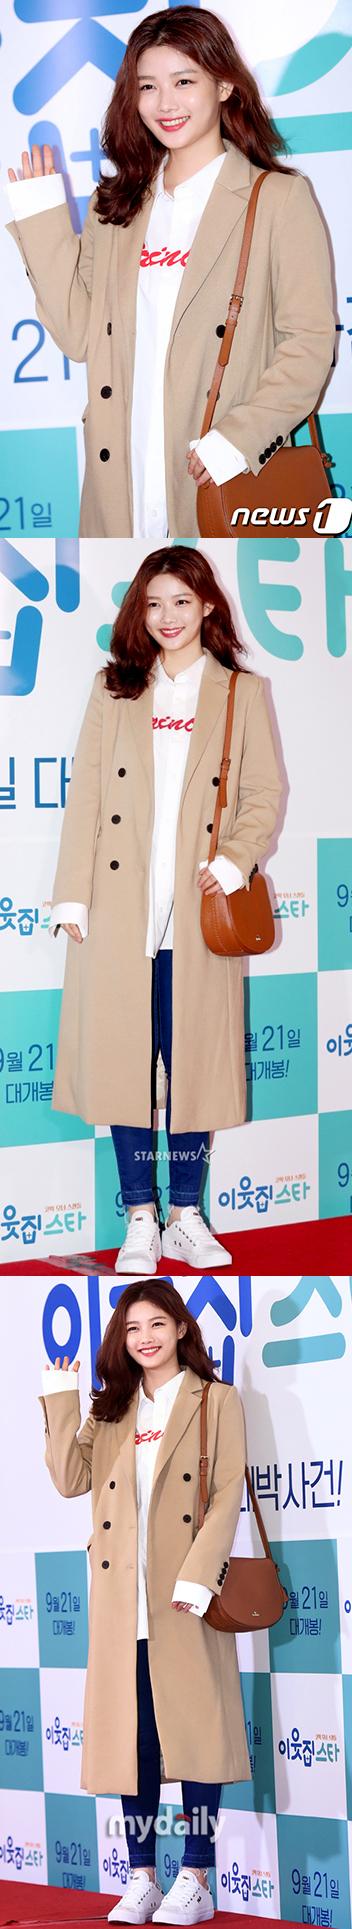 Celeb's Pick – Kim Yoo jeong